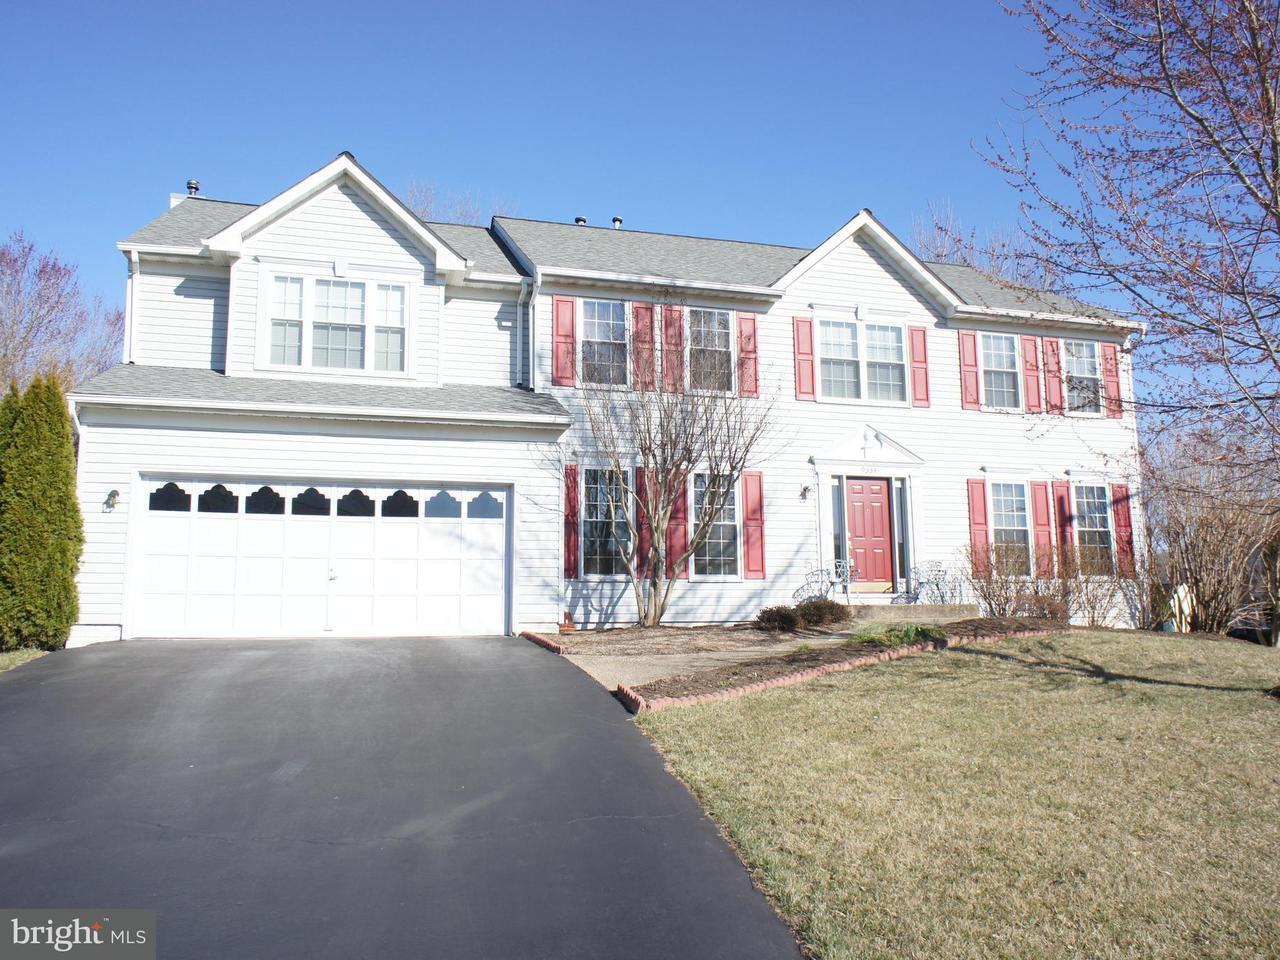 단독 가정 주택 용 매매 에 9334 Whitt Drive 9334 Whitt Drive Manassas Park, 버지니아 20111 미국